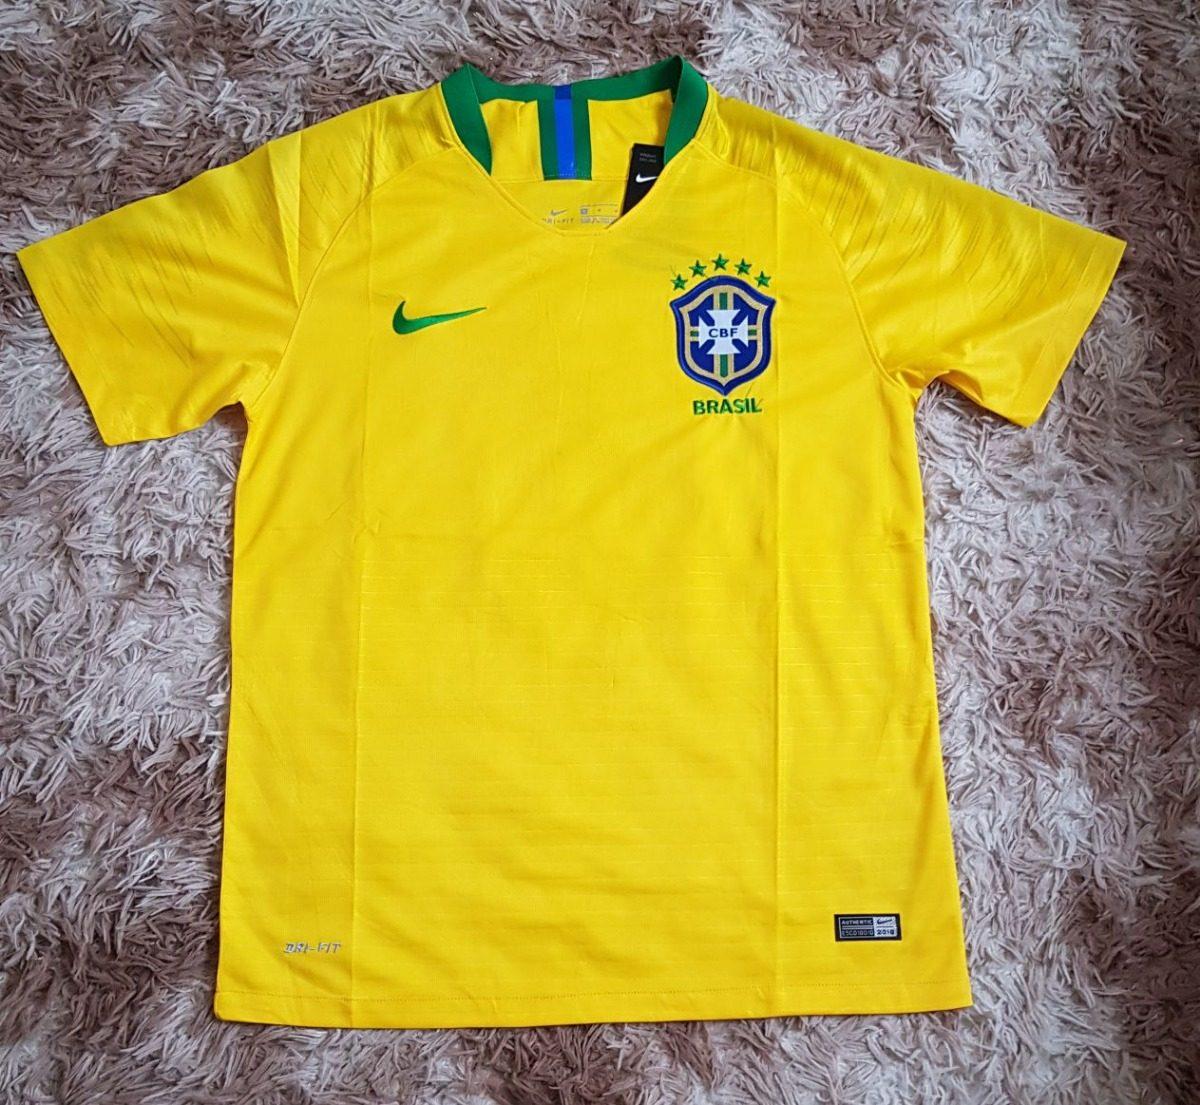 033df1f86cbc4 camiseta neymar 10 .muito linda! oficial brasil 2018 +frete. Carregando  zoom.